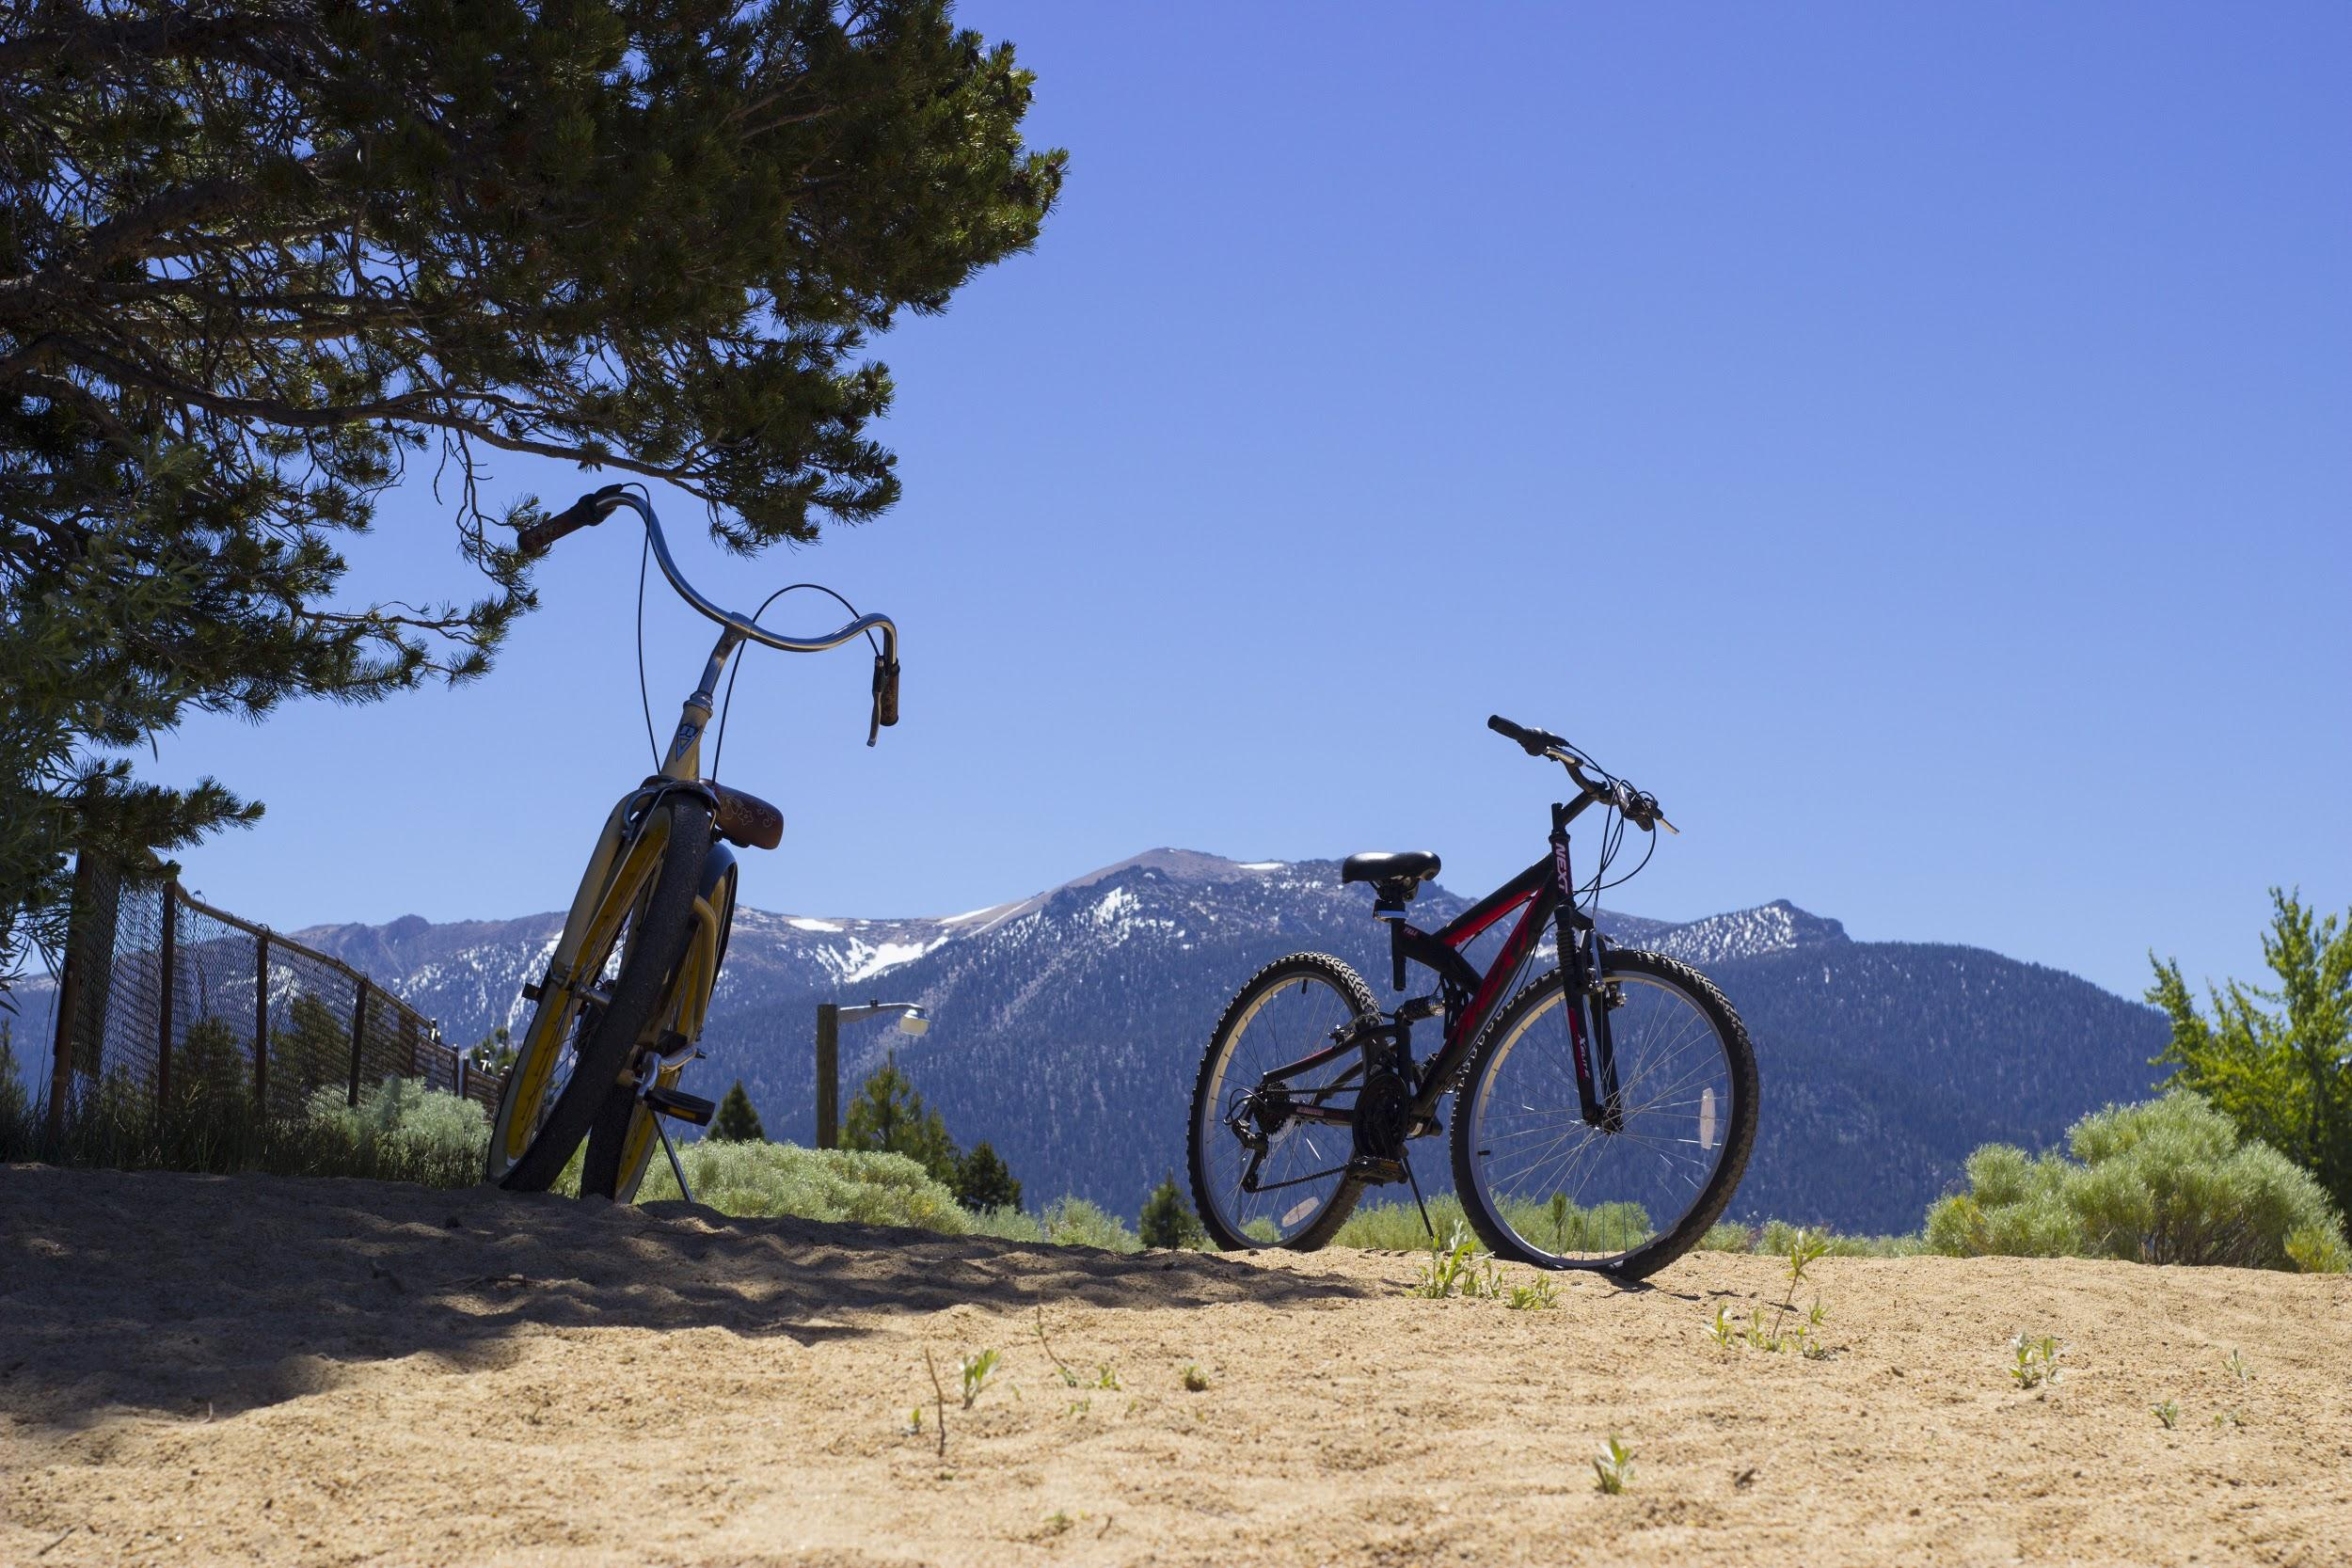 Taken at Lake Tahoe during a family trip! (AMY HOANG)